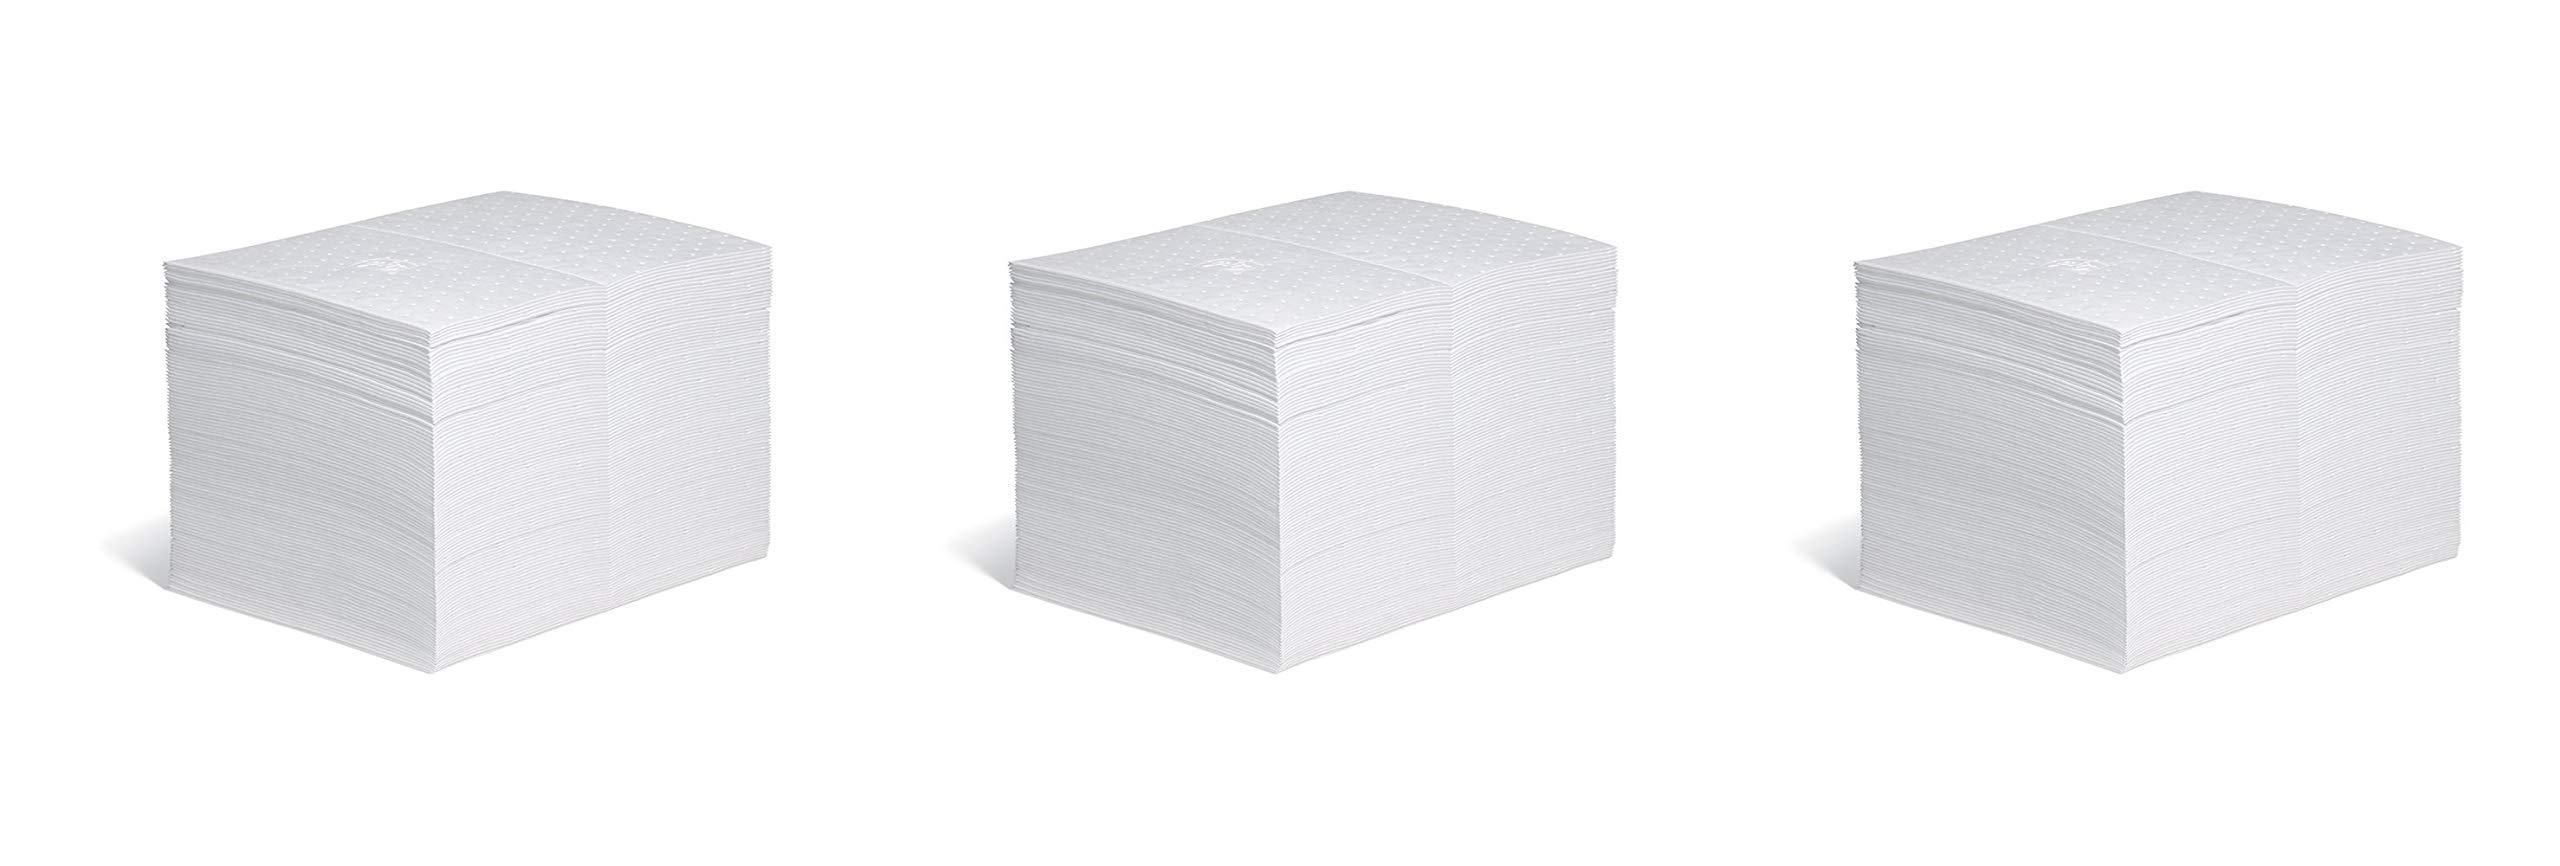 New Pig Oil Mat - 28 Ounce Absorbency - 100 Heavyweight Oil Absorbent Pads - 15'' x 20'' - MAT403 (3 X Pack of 100)